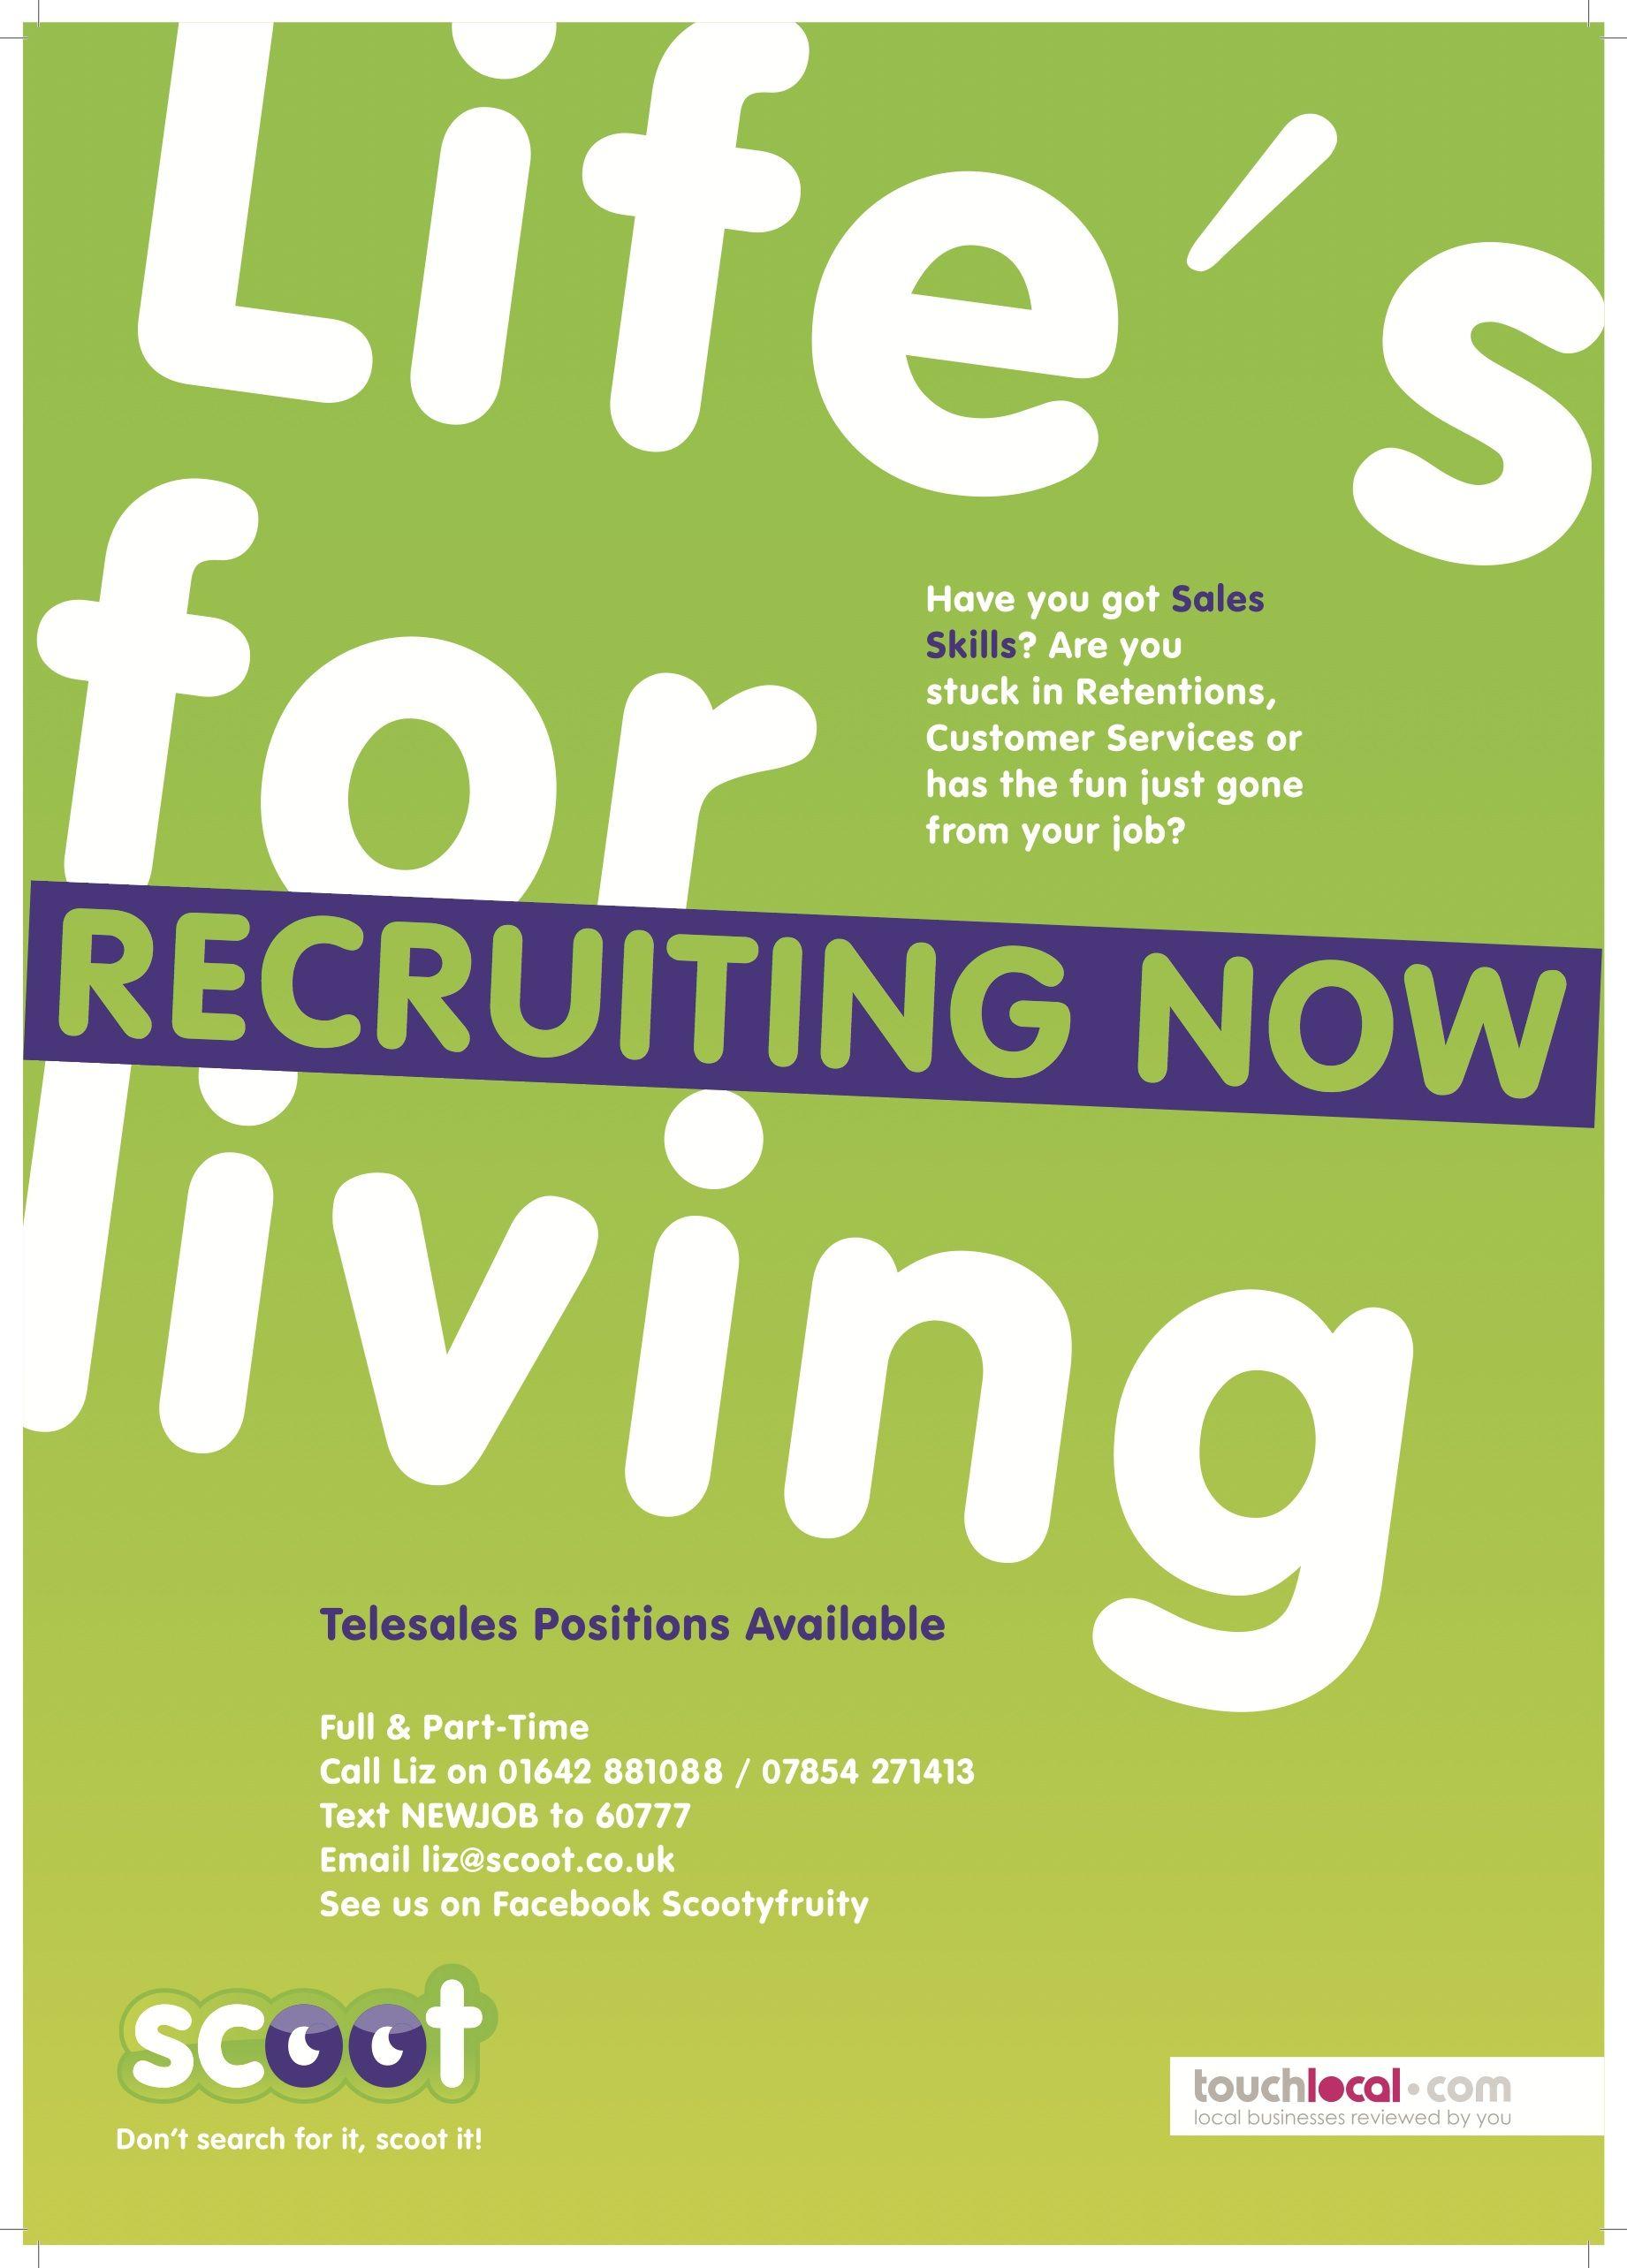 Poster design jobs uk - Gallery Of Poster Design Jobs Uk